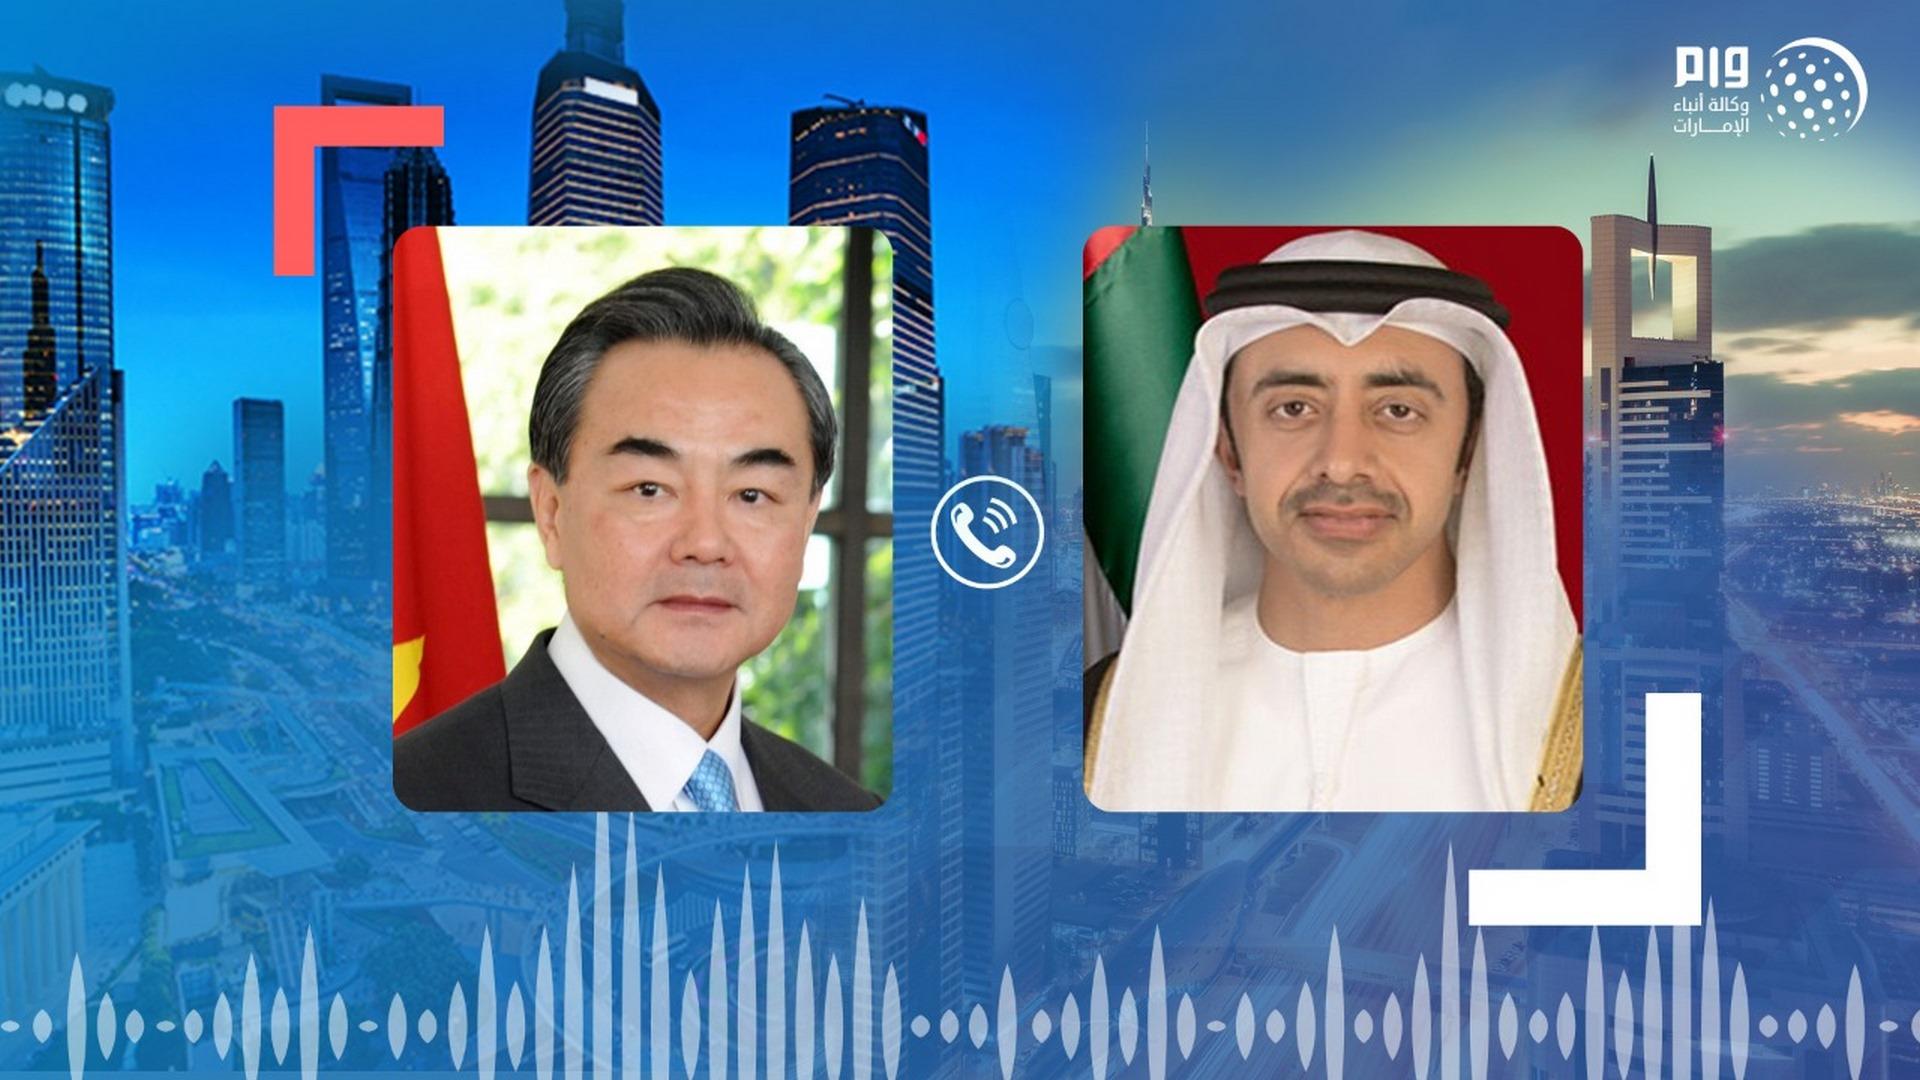 عبدالله بن زايد ووزير خارجية الصين يبحثان علاقات الصداقة والشراكة الاستراتيجية وعدداً من الملفات المهمة